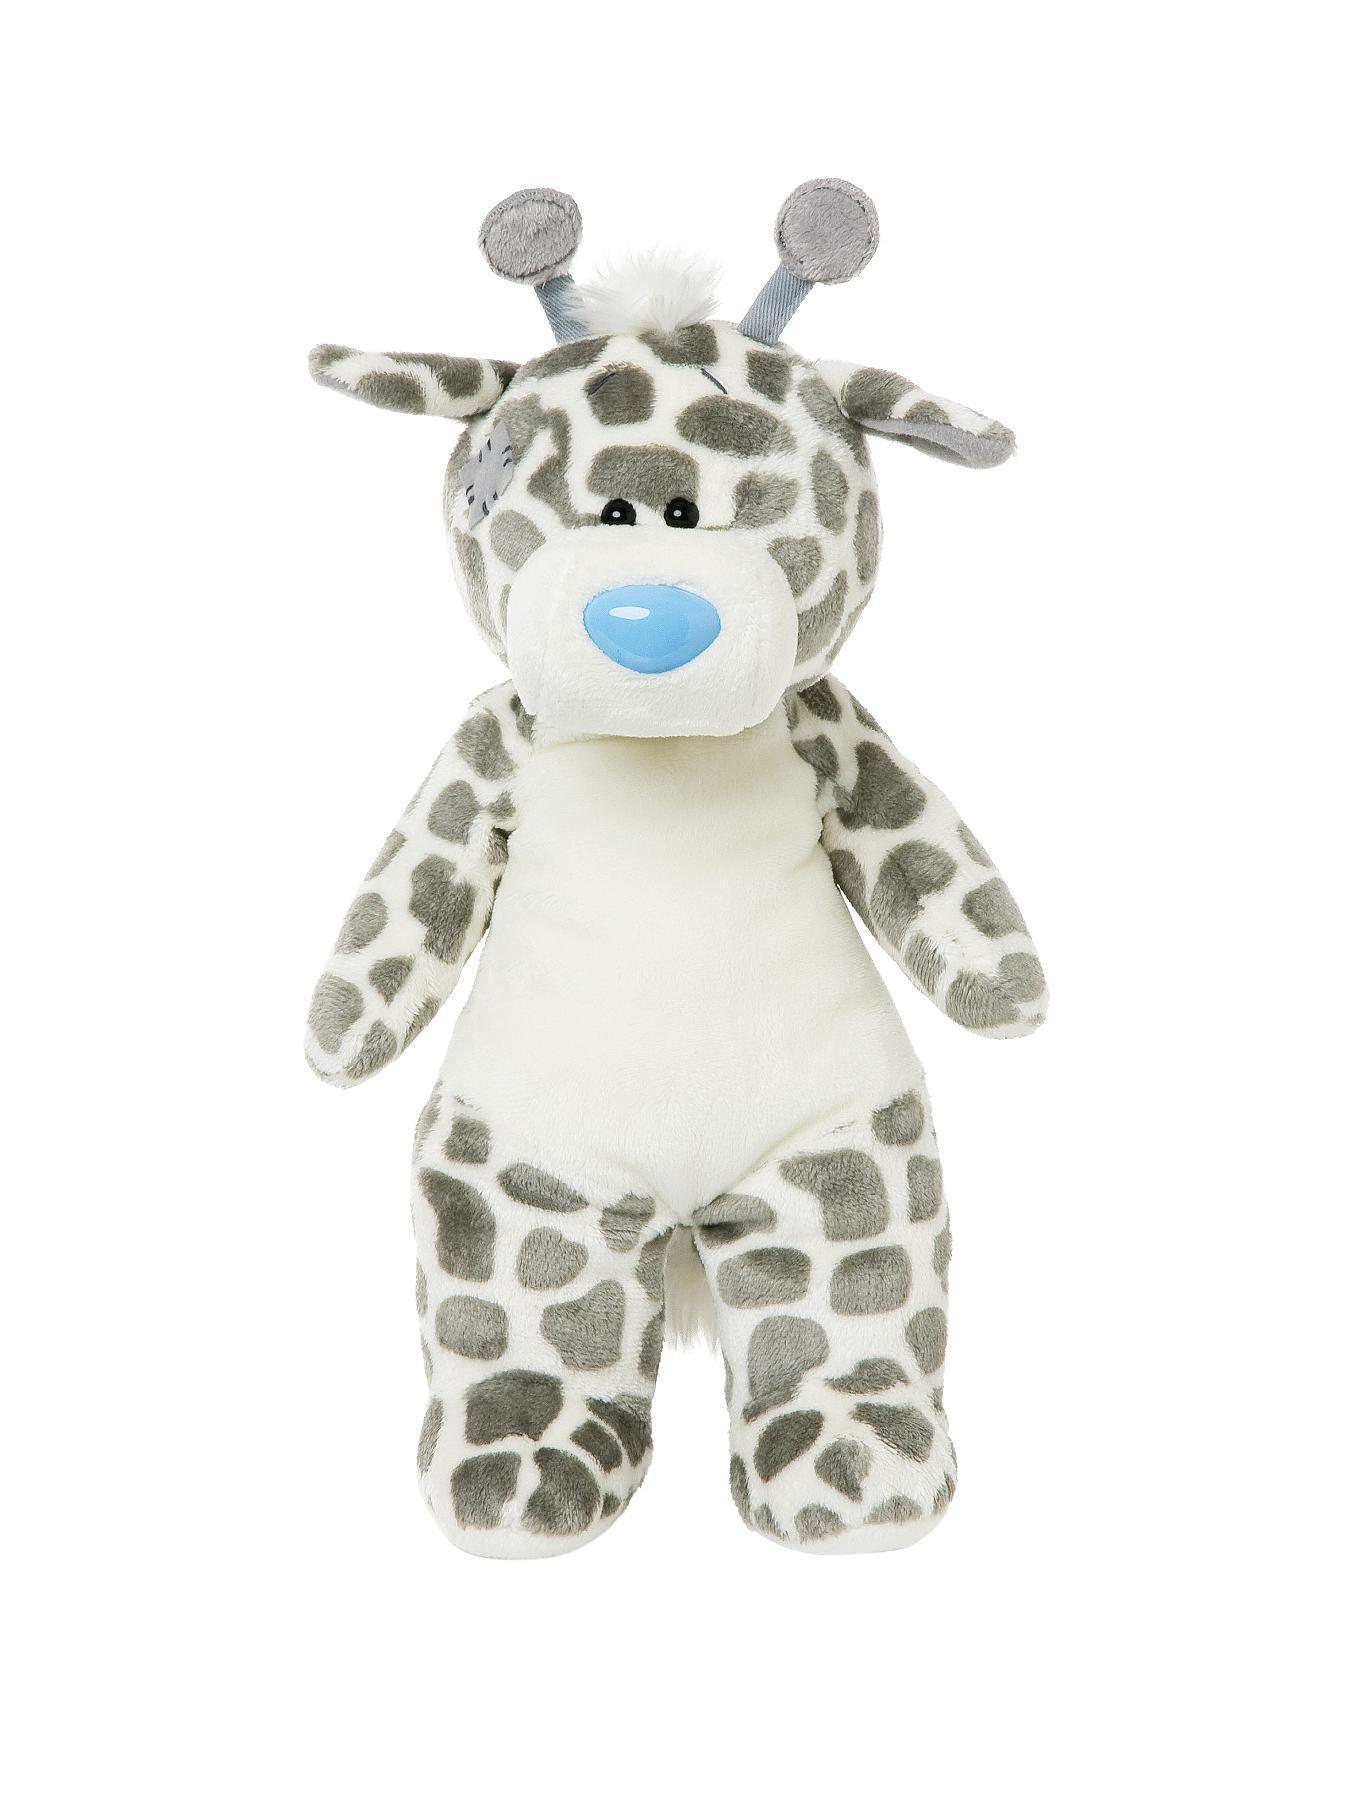 Tatty Teddy Dress Up Twiggy The Giraffe